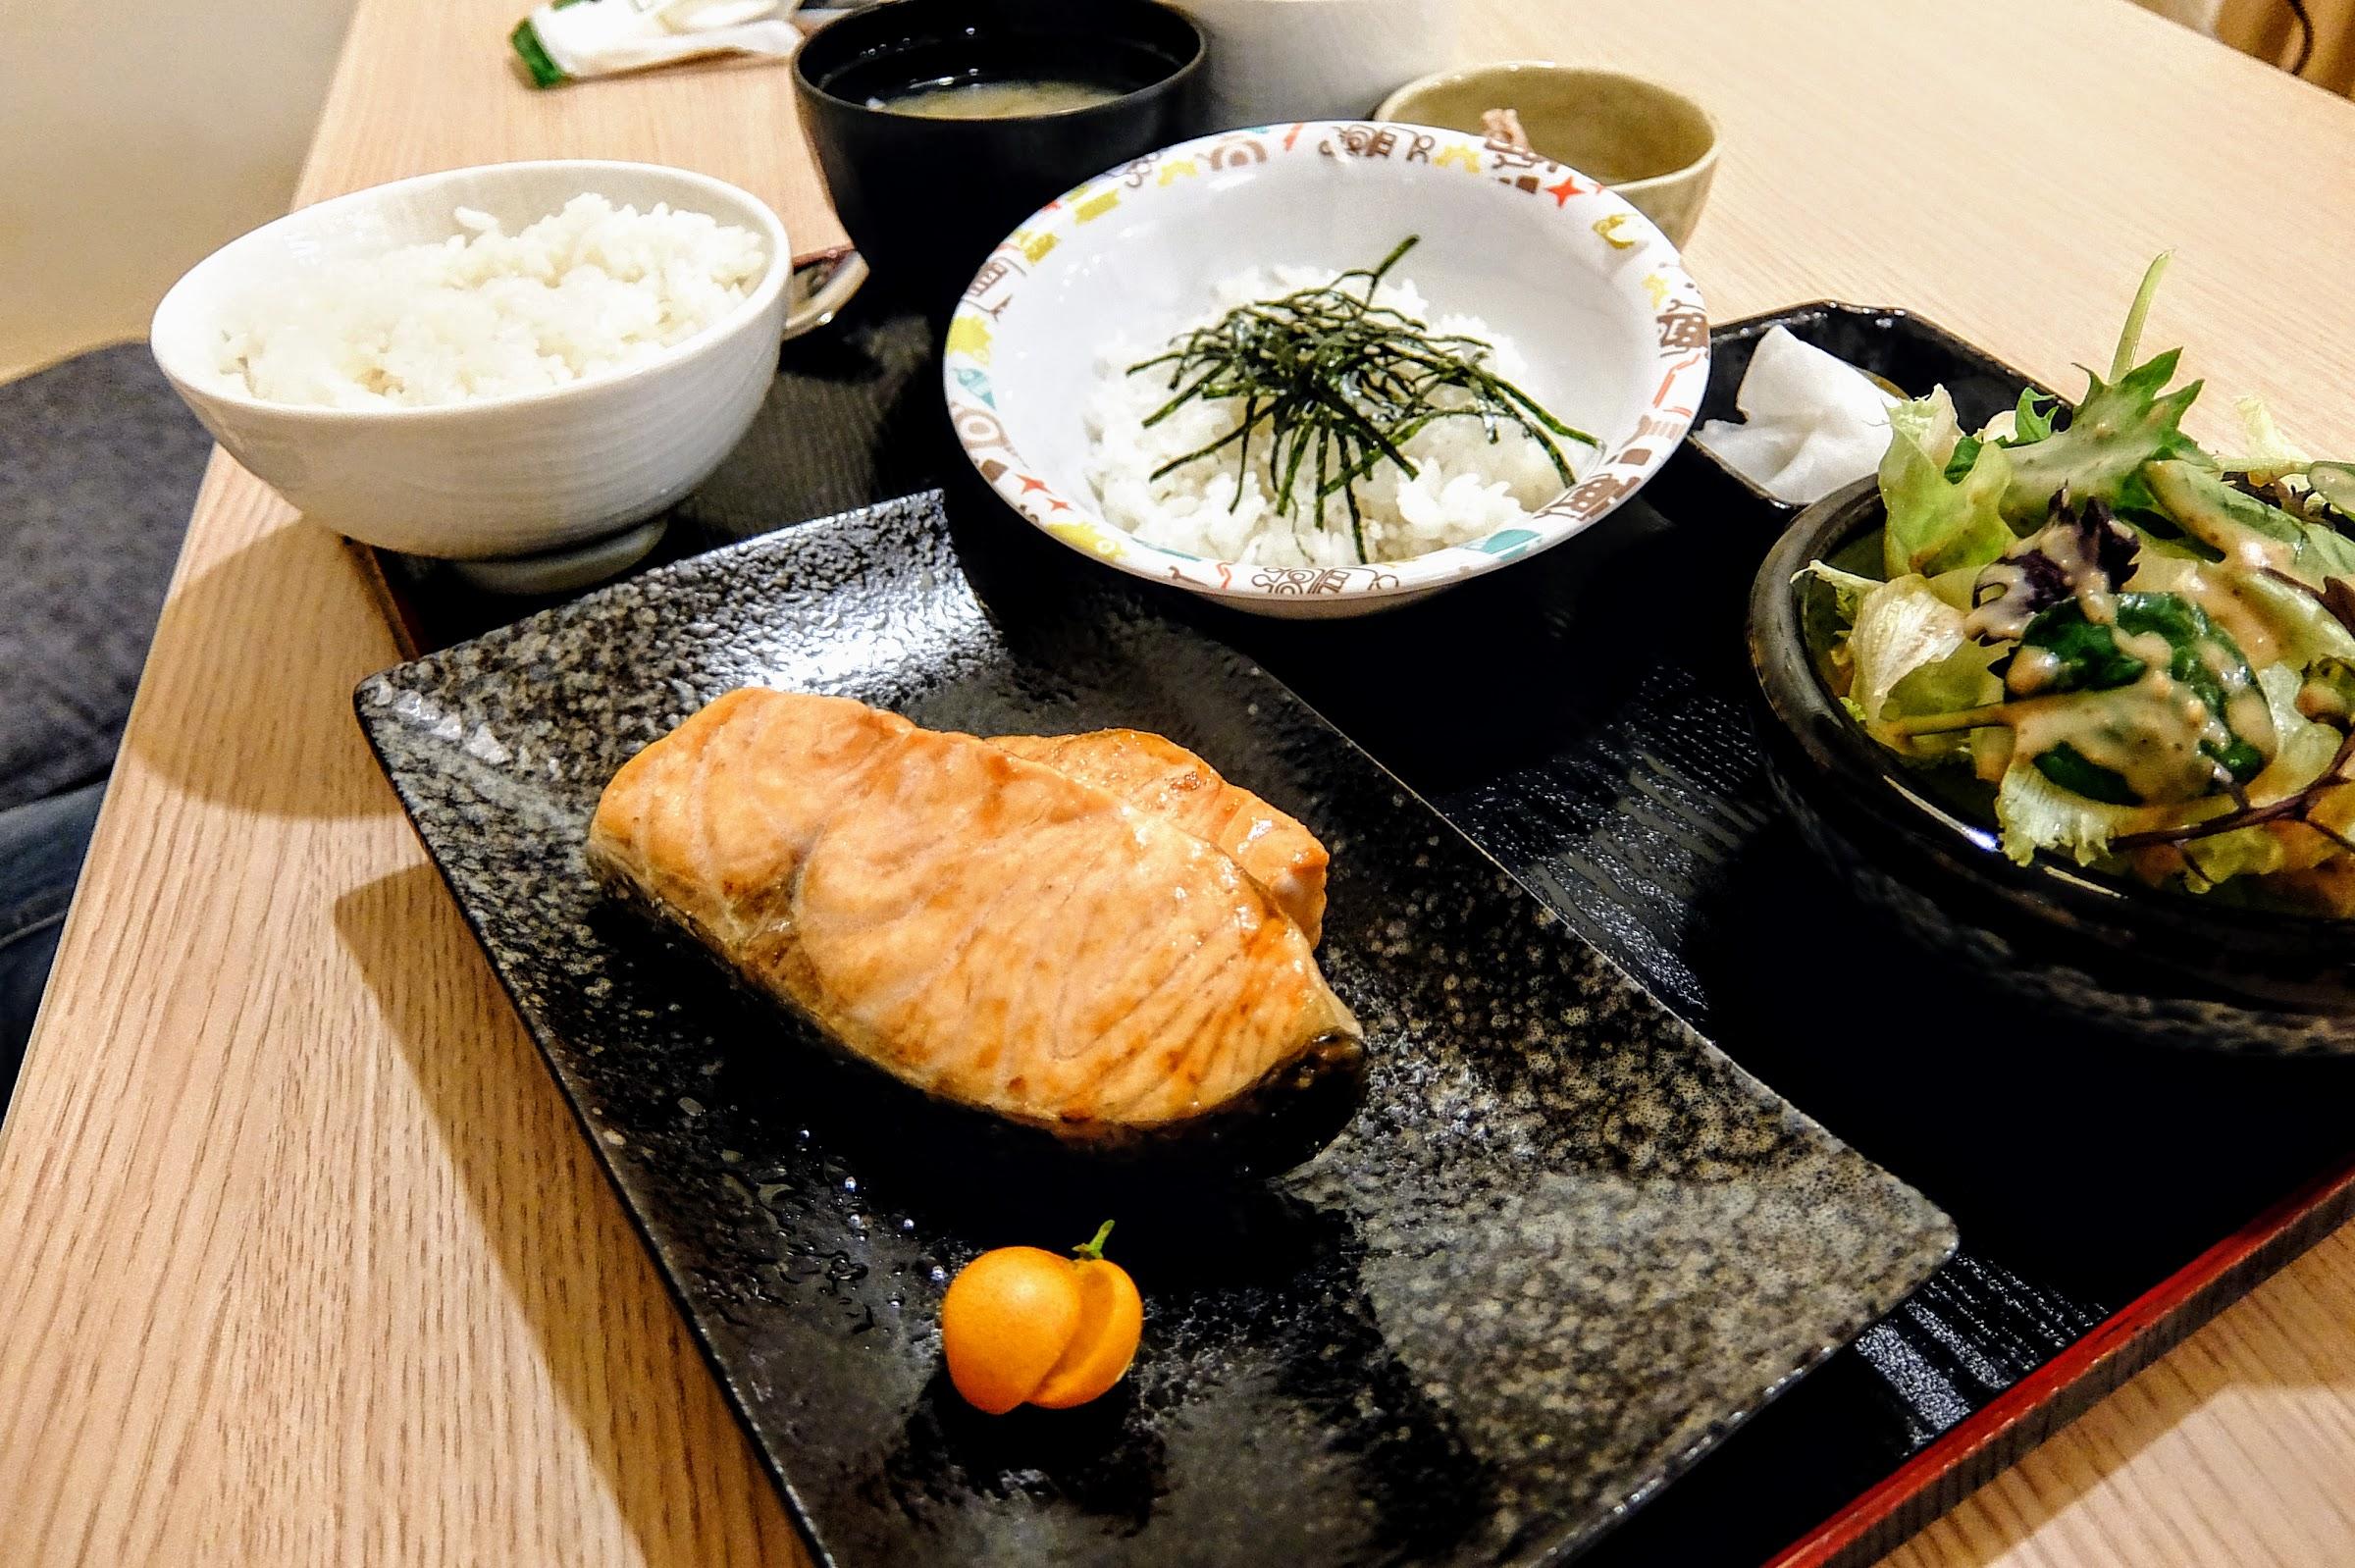 鹽烤鮭魚定食,鮭魚大片好吃啊